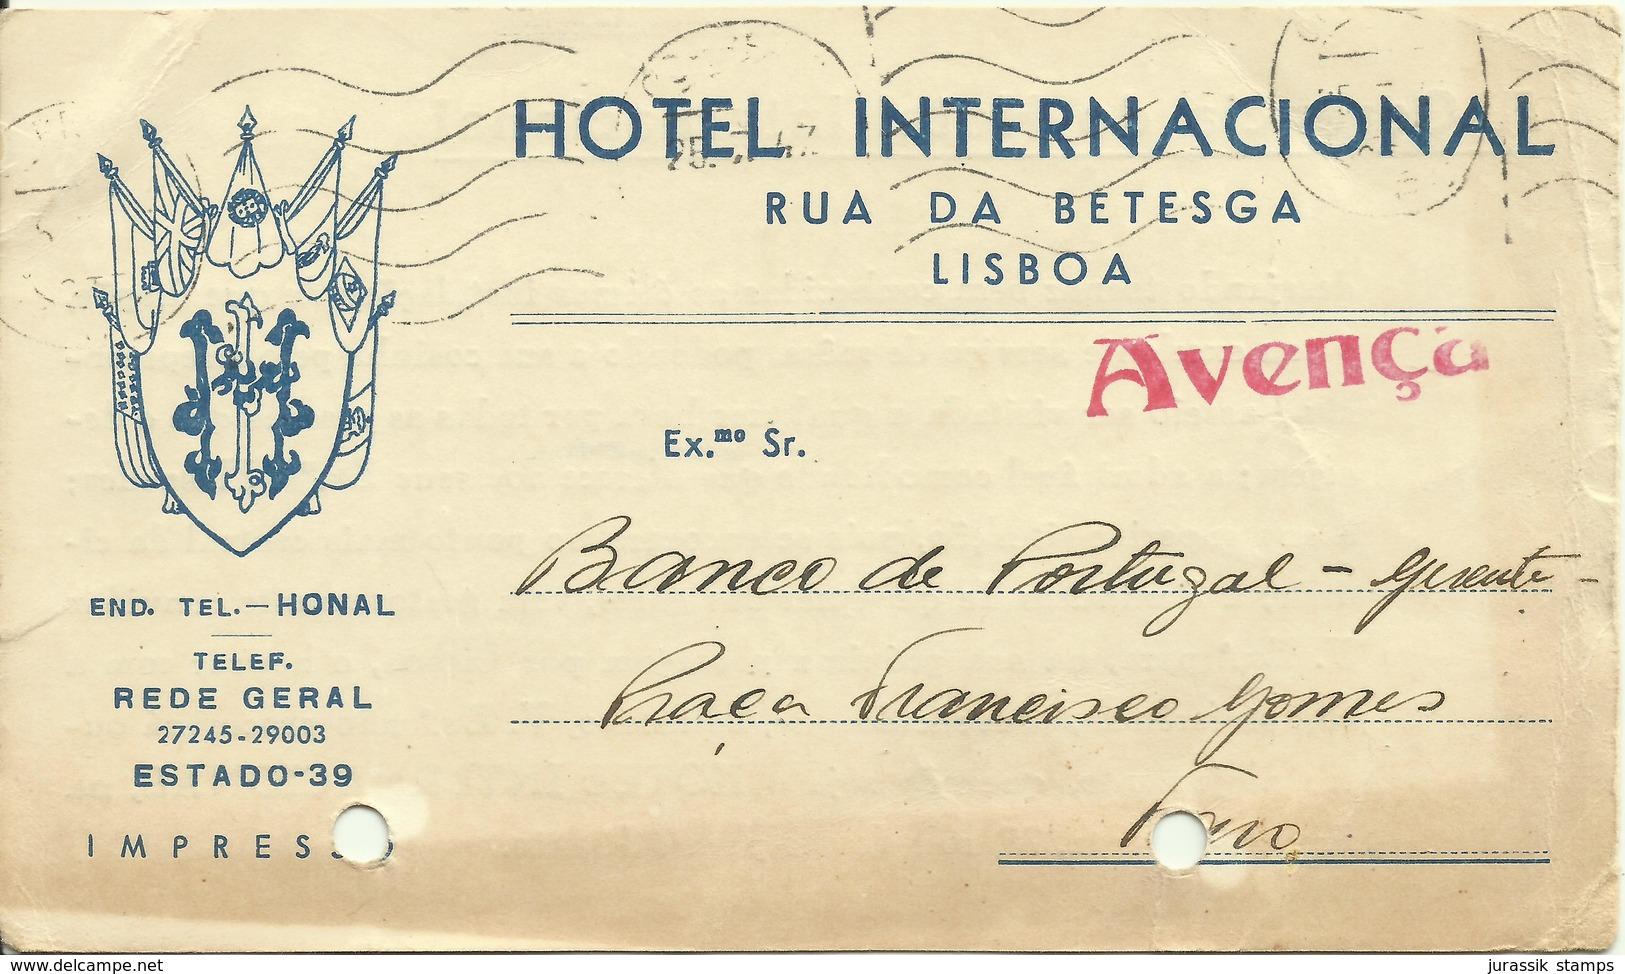 PORTUGAL - 1947  INTEIRO POSTAL PRIVADO CERES   - PRIVATE  ENTIRE POSTAL STATIONERY - HOTEL INTERNACIONAL - Postal Stationery